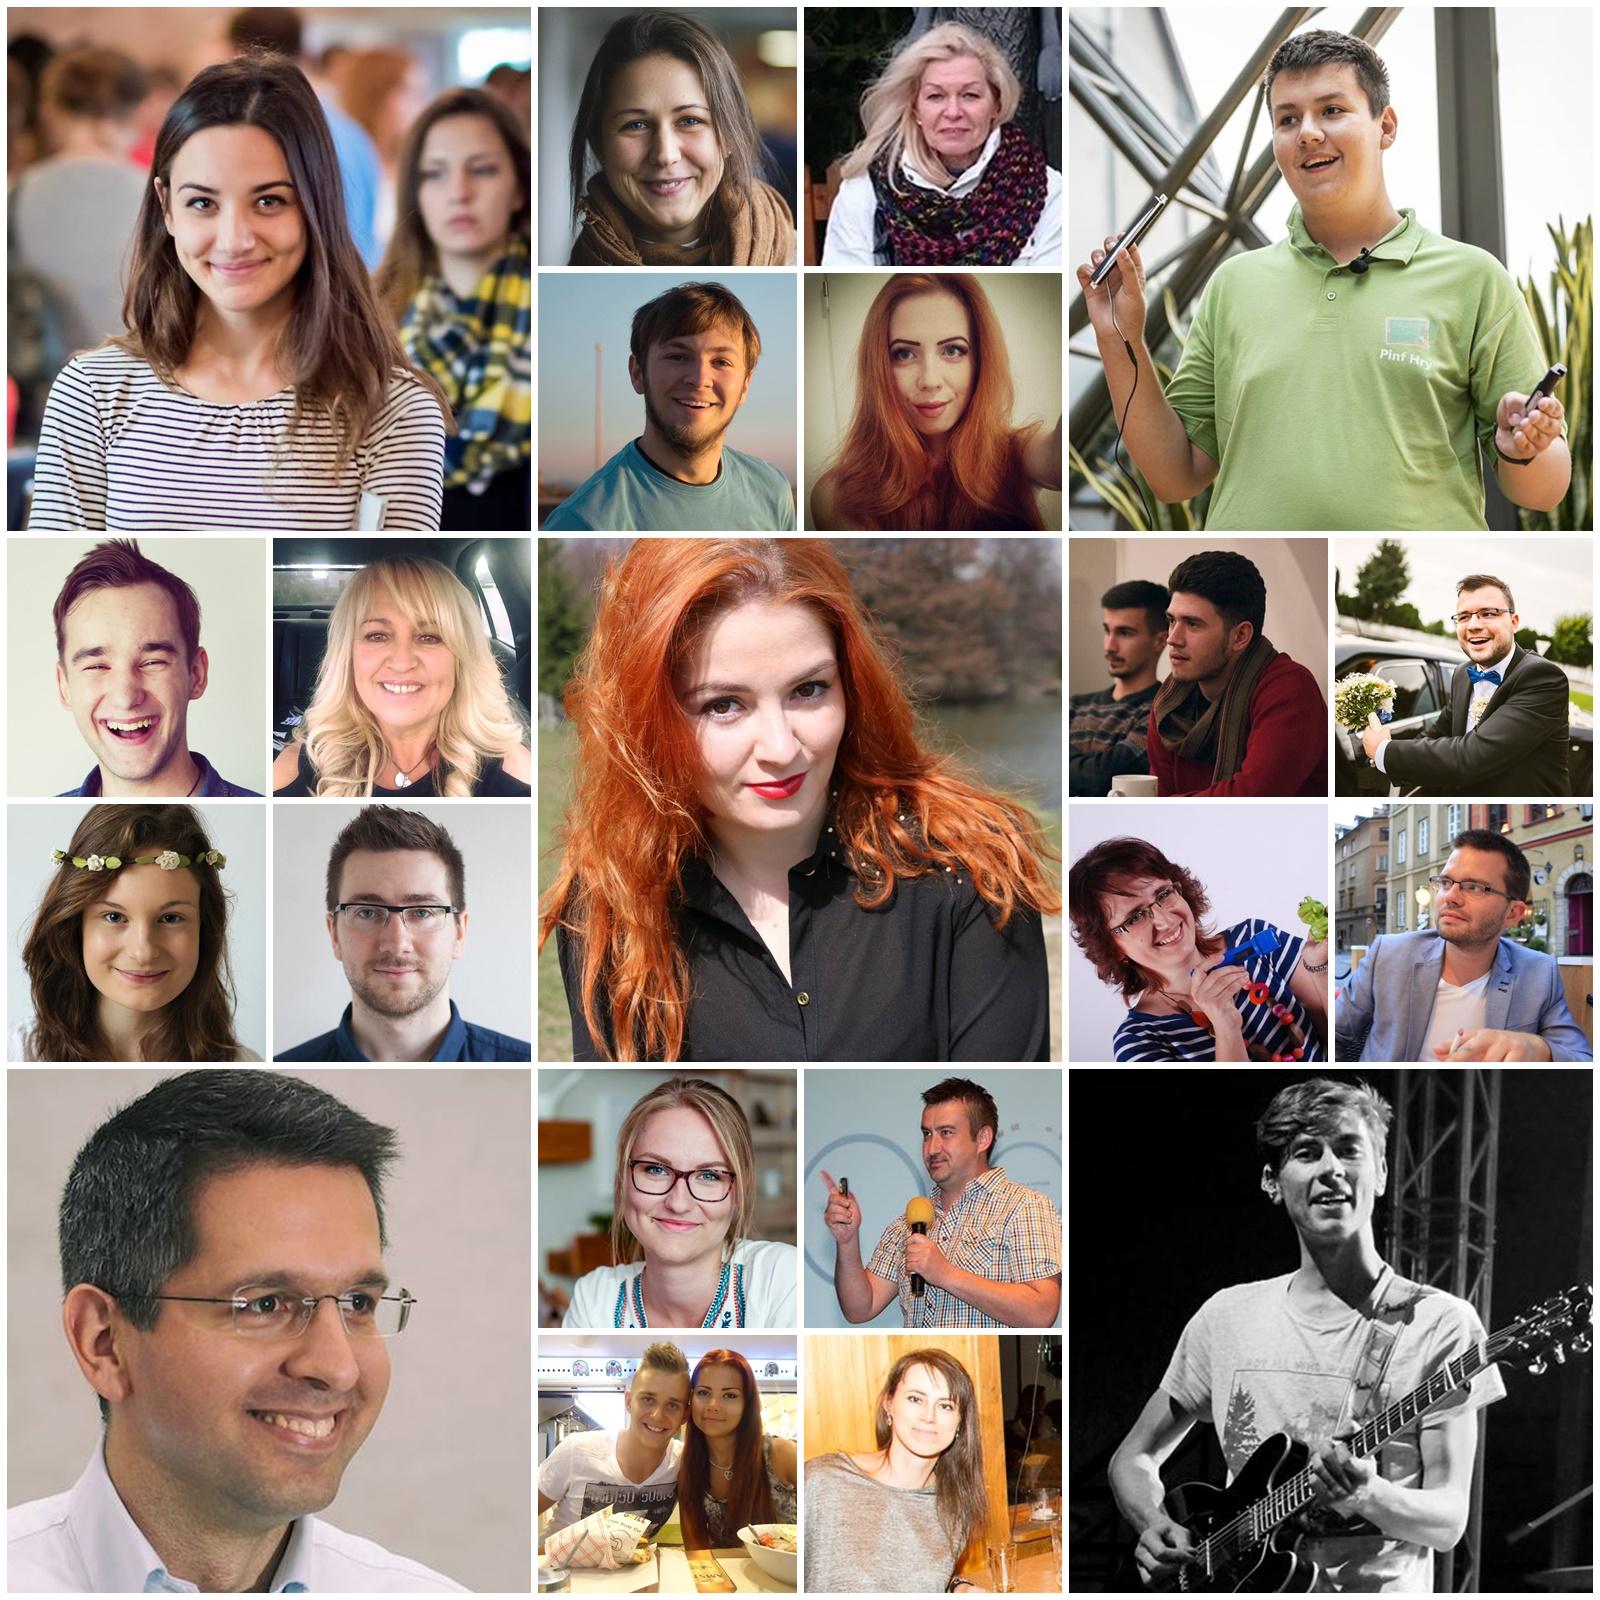 ROK 2016 očami marketéra: 21 inšpiratívnych mladých ľudí, ktorých sa oplatí spoznať!